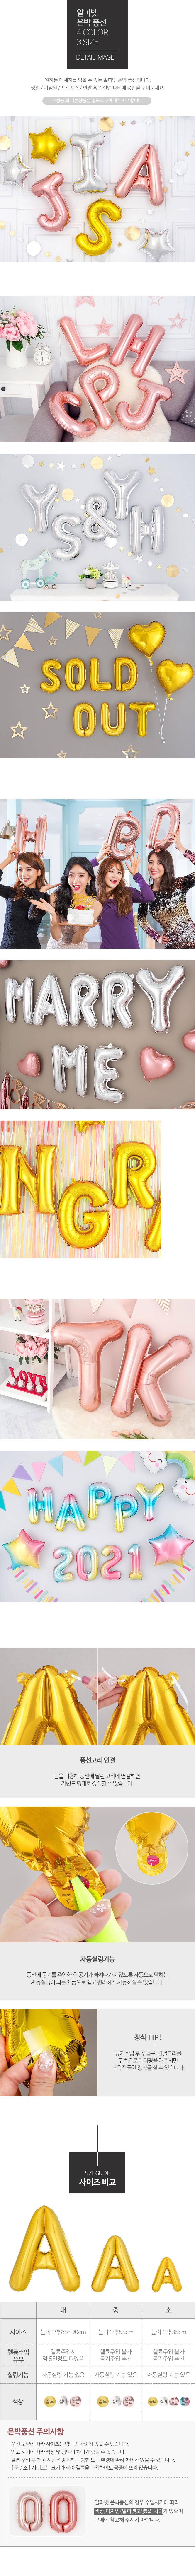 (원팩) 알파벳 은박풍선 중 로즈골드 O _partypang - 파티팡, 1,200원, 파티용품, 풍선/세트